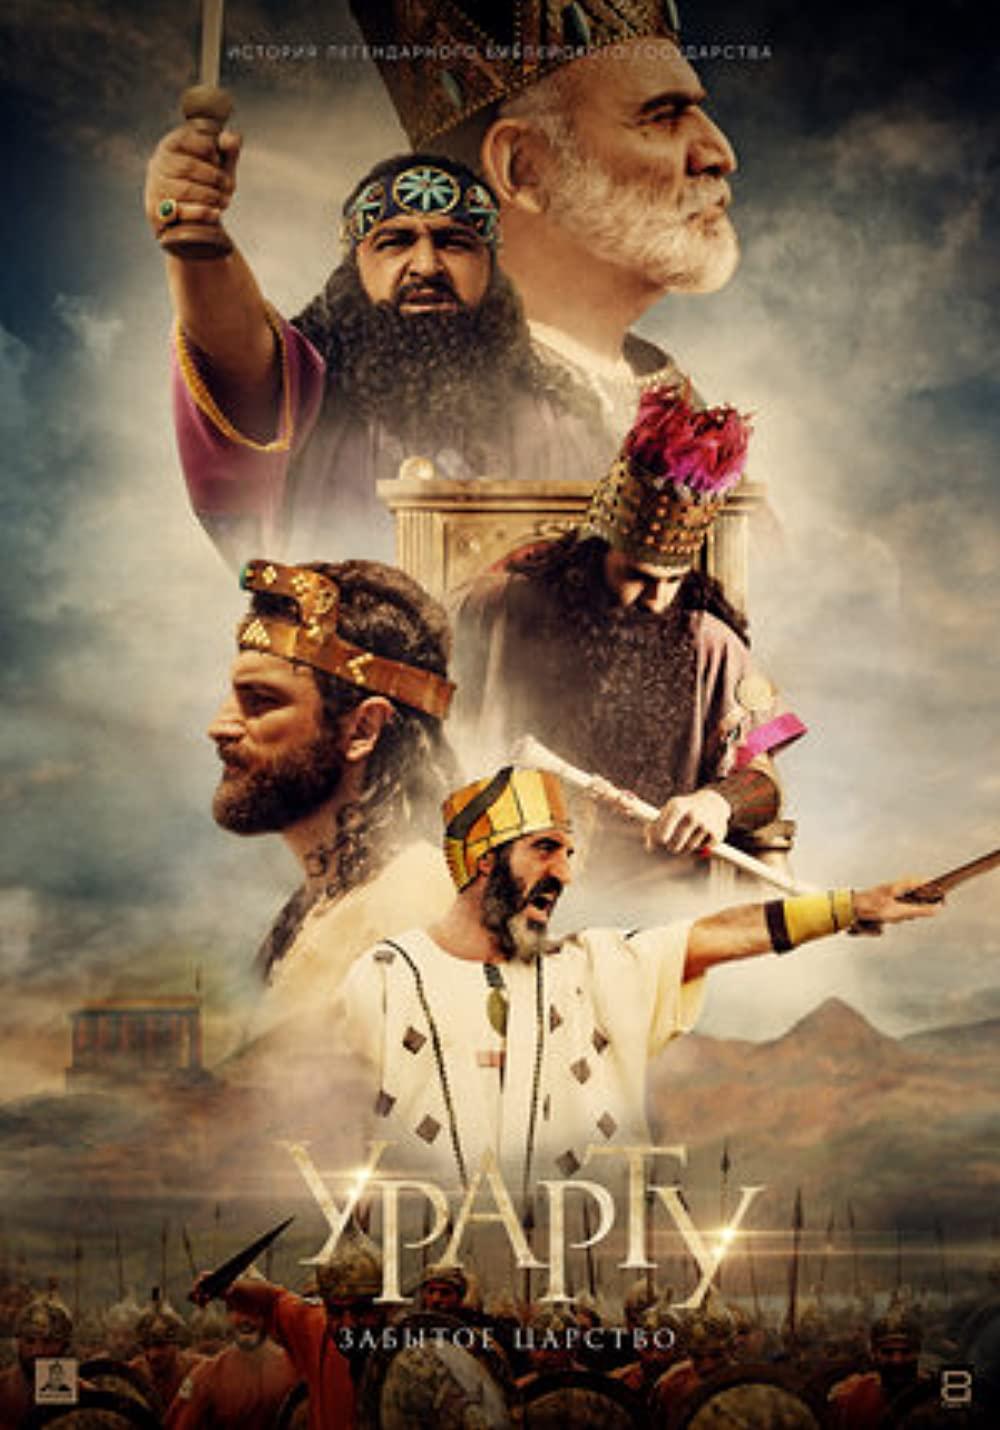 Watch Movie Urartu: The Forgotten Kingdom